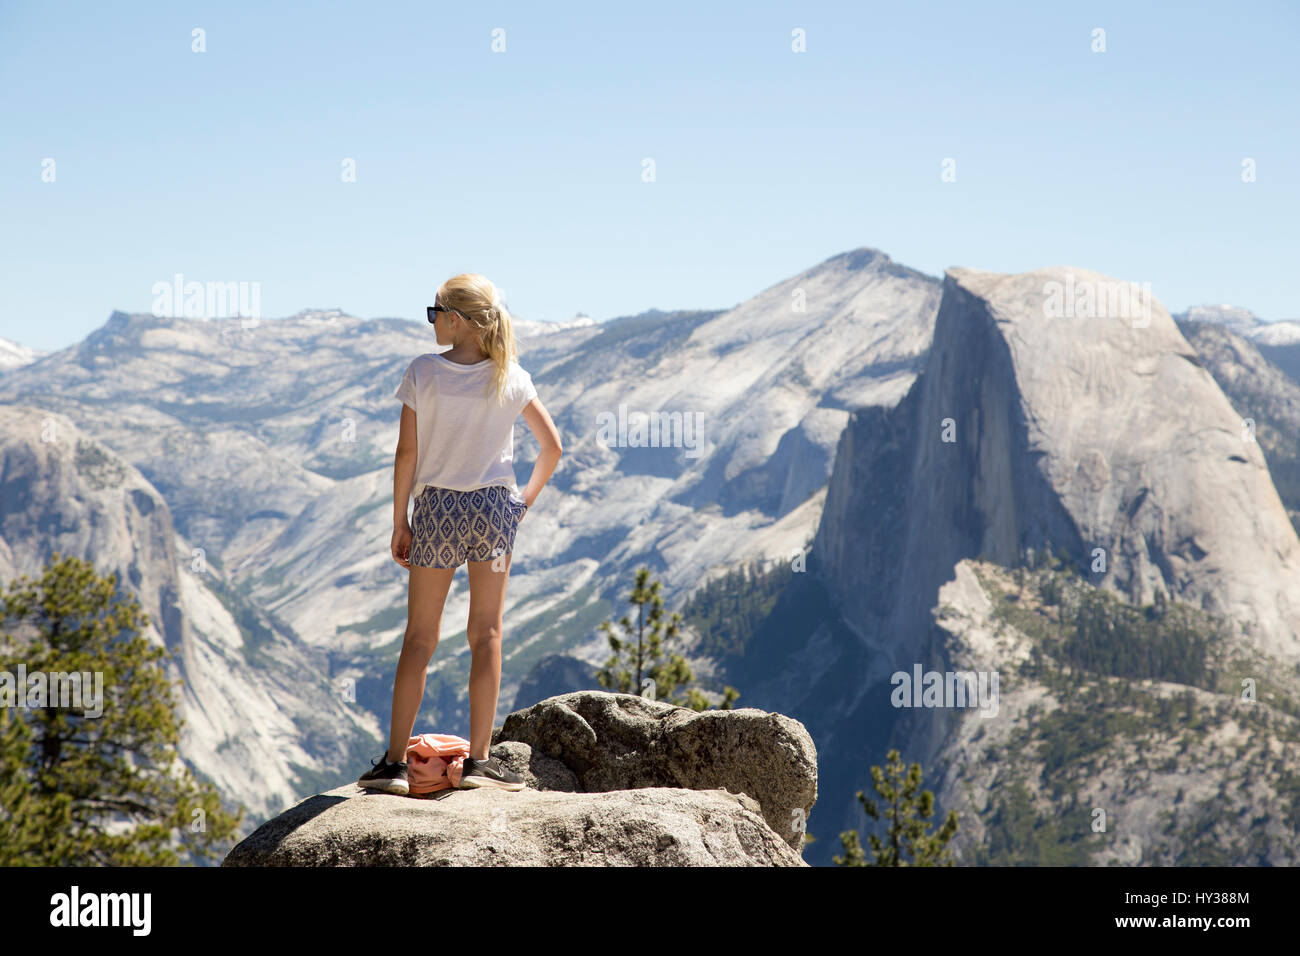 États-unis, Californie, Yosemite, girl (12-13) à la vue de sentinelle avec dome et Yosemite falls Photo Stock